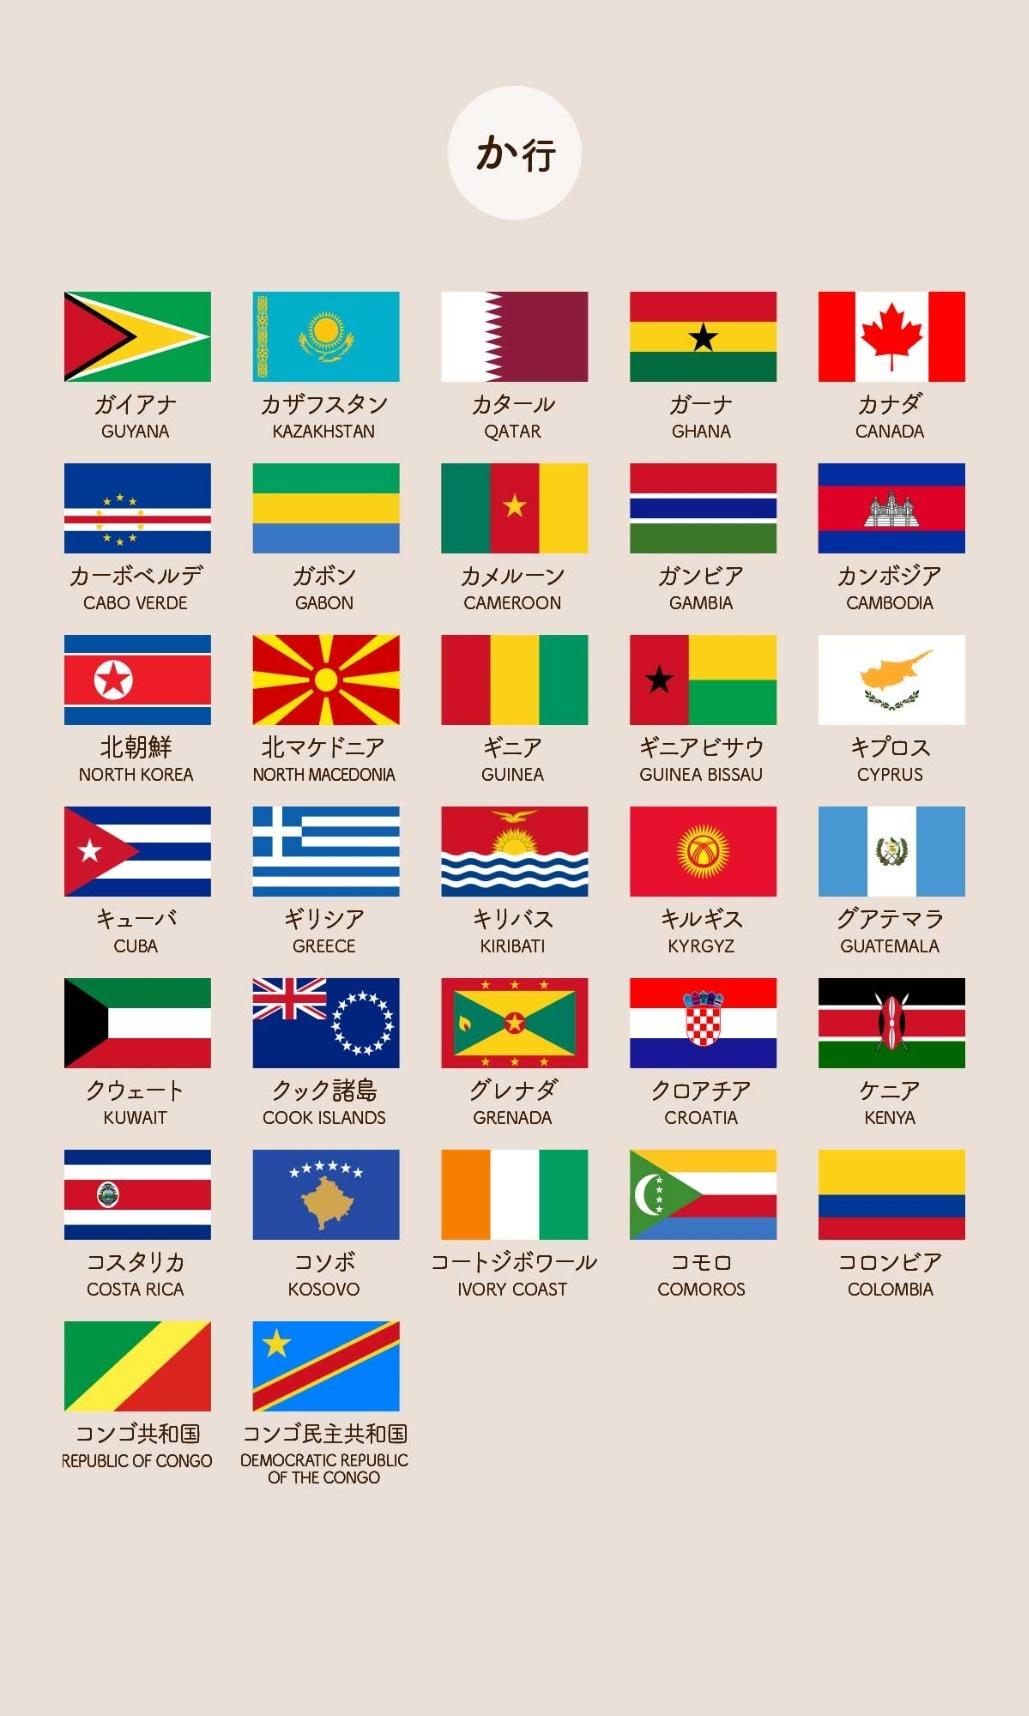 か行の国旗一覧 / ガイアナ GUYANA / カザフスタン KAZAKHSTAN / カタール QATAR / ガーナ GHANA / カナダ CANADA / カーボベルデ CABO VERDE / ガボン GABON / カメルーン CAMEROON / ガンビア GAMBIA / カンボジア CAMBODIA / 北朝鮮 NORTH KOREA / 北マケドニア NORTH MACEDONIA / ギニア GUINEA / ギニアビサウ GUINEA BISSAU / キプロス CYPRUS /